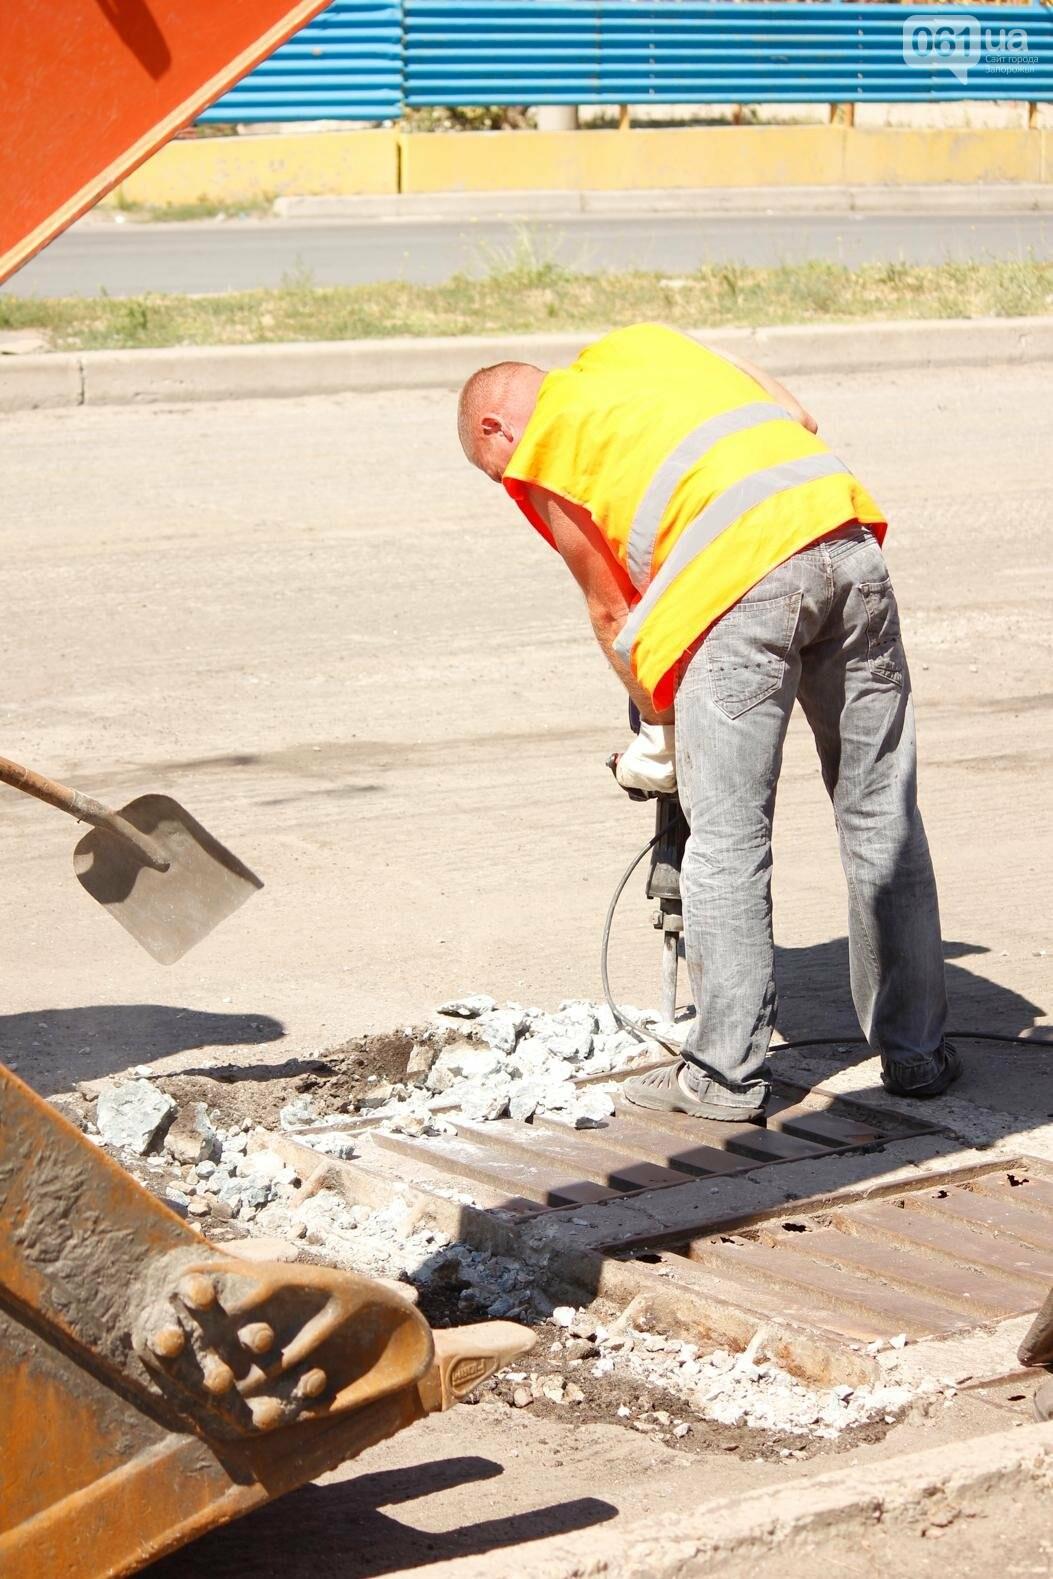 В Южном микрорайоне Запорожья ремонтируют одну из главных дорог района, - ФОТОРЕПОРТАЖ, фото-5